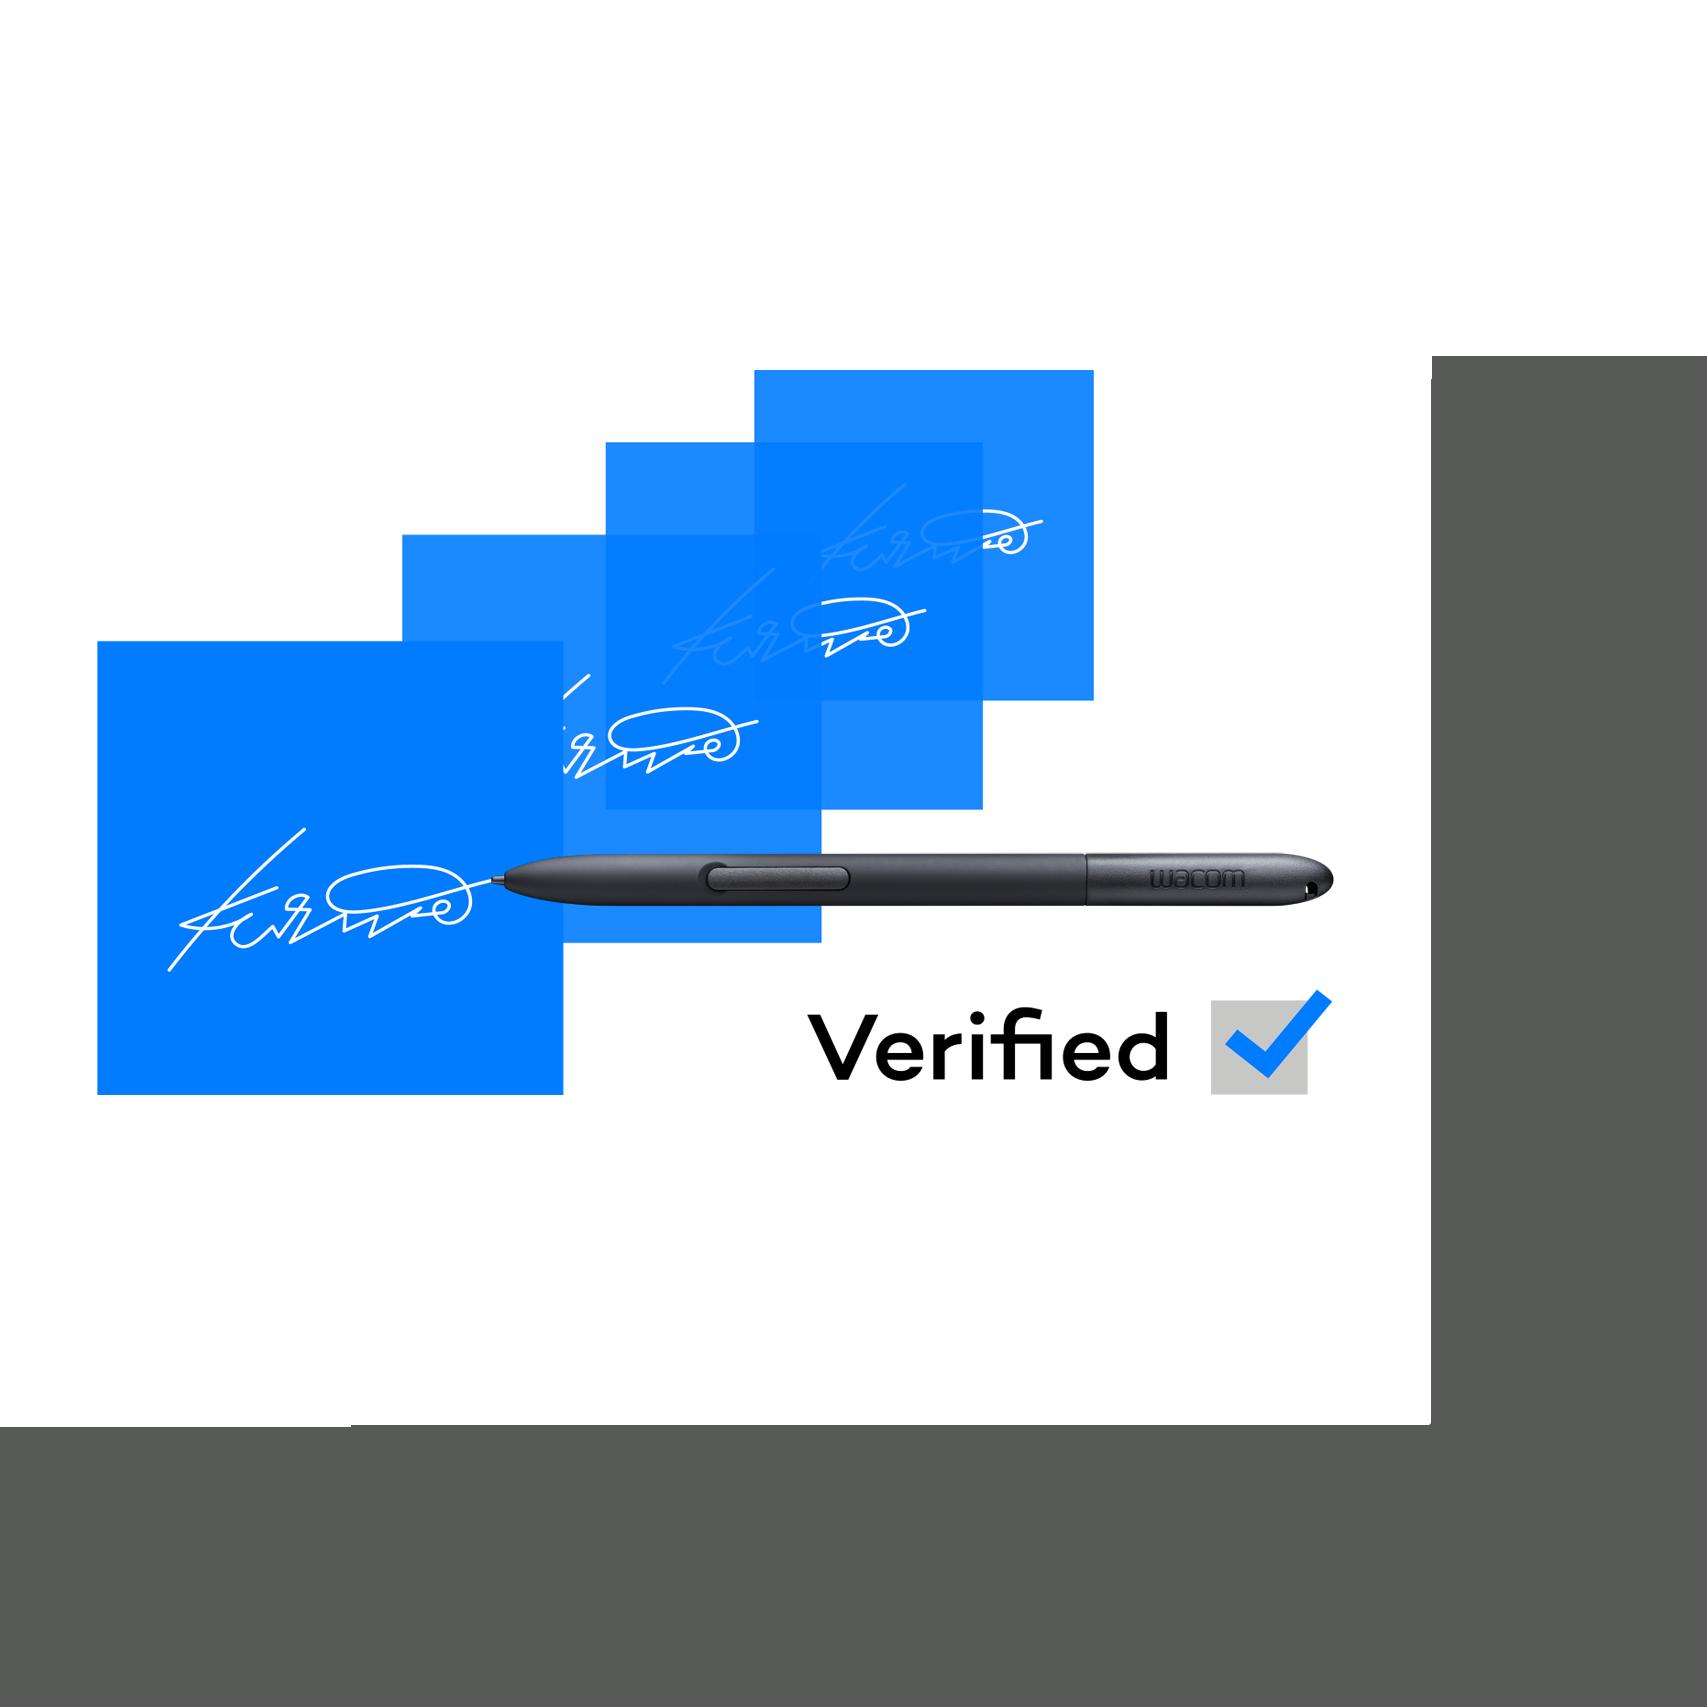 Wacom Ink SDK for verification